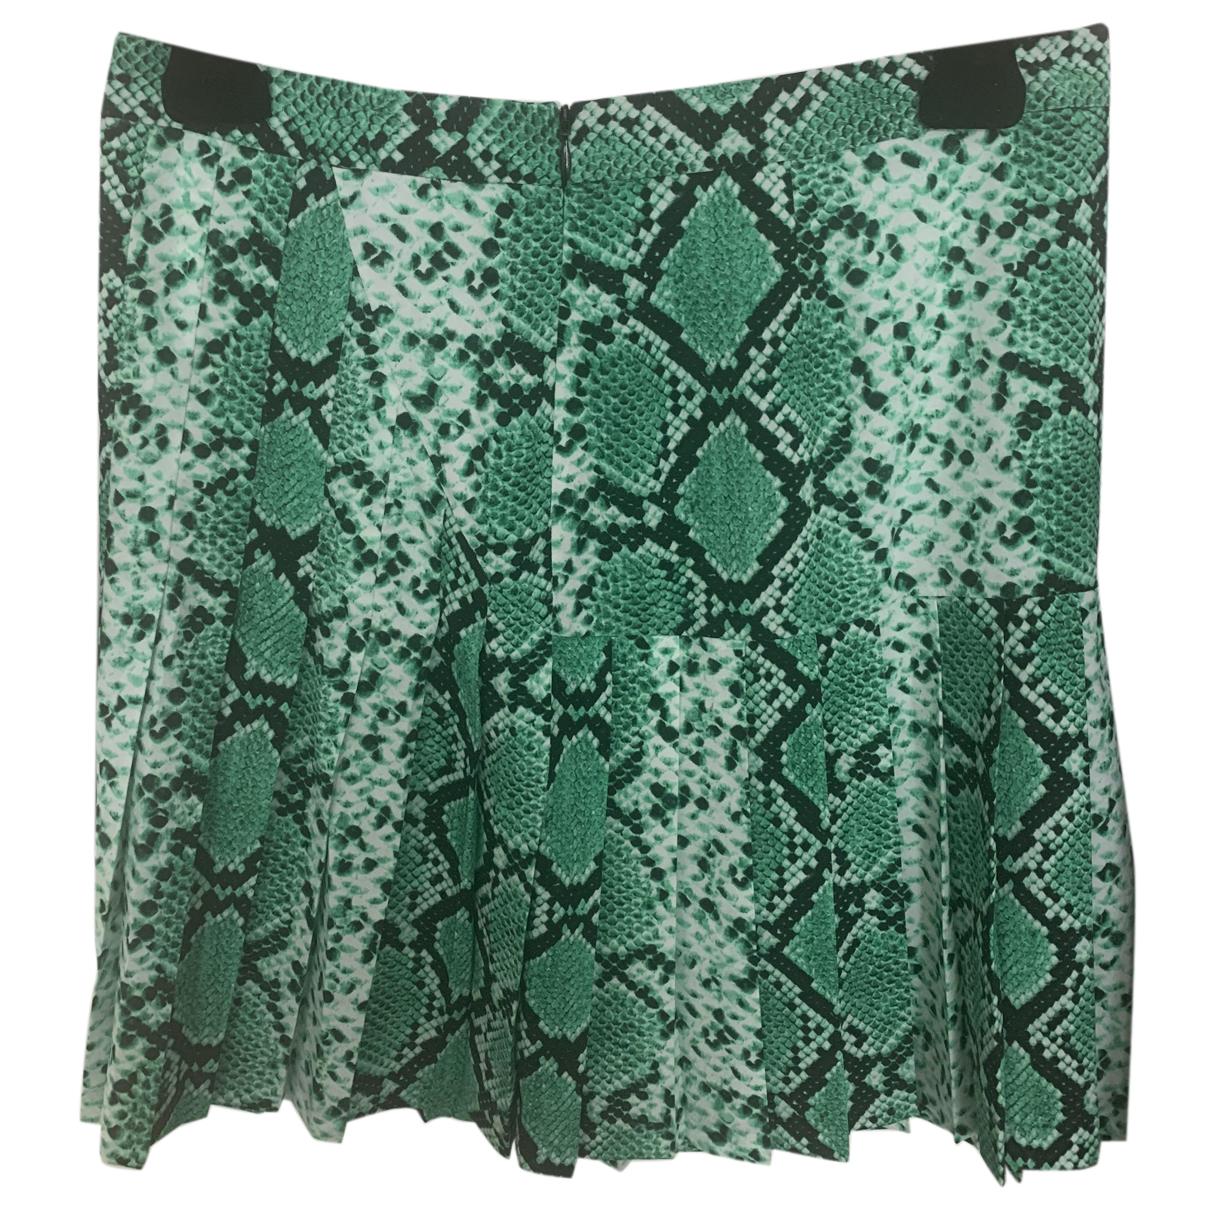 Sandro Spring Summer 2020 Green skirt for Women 40 FR